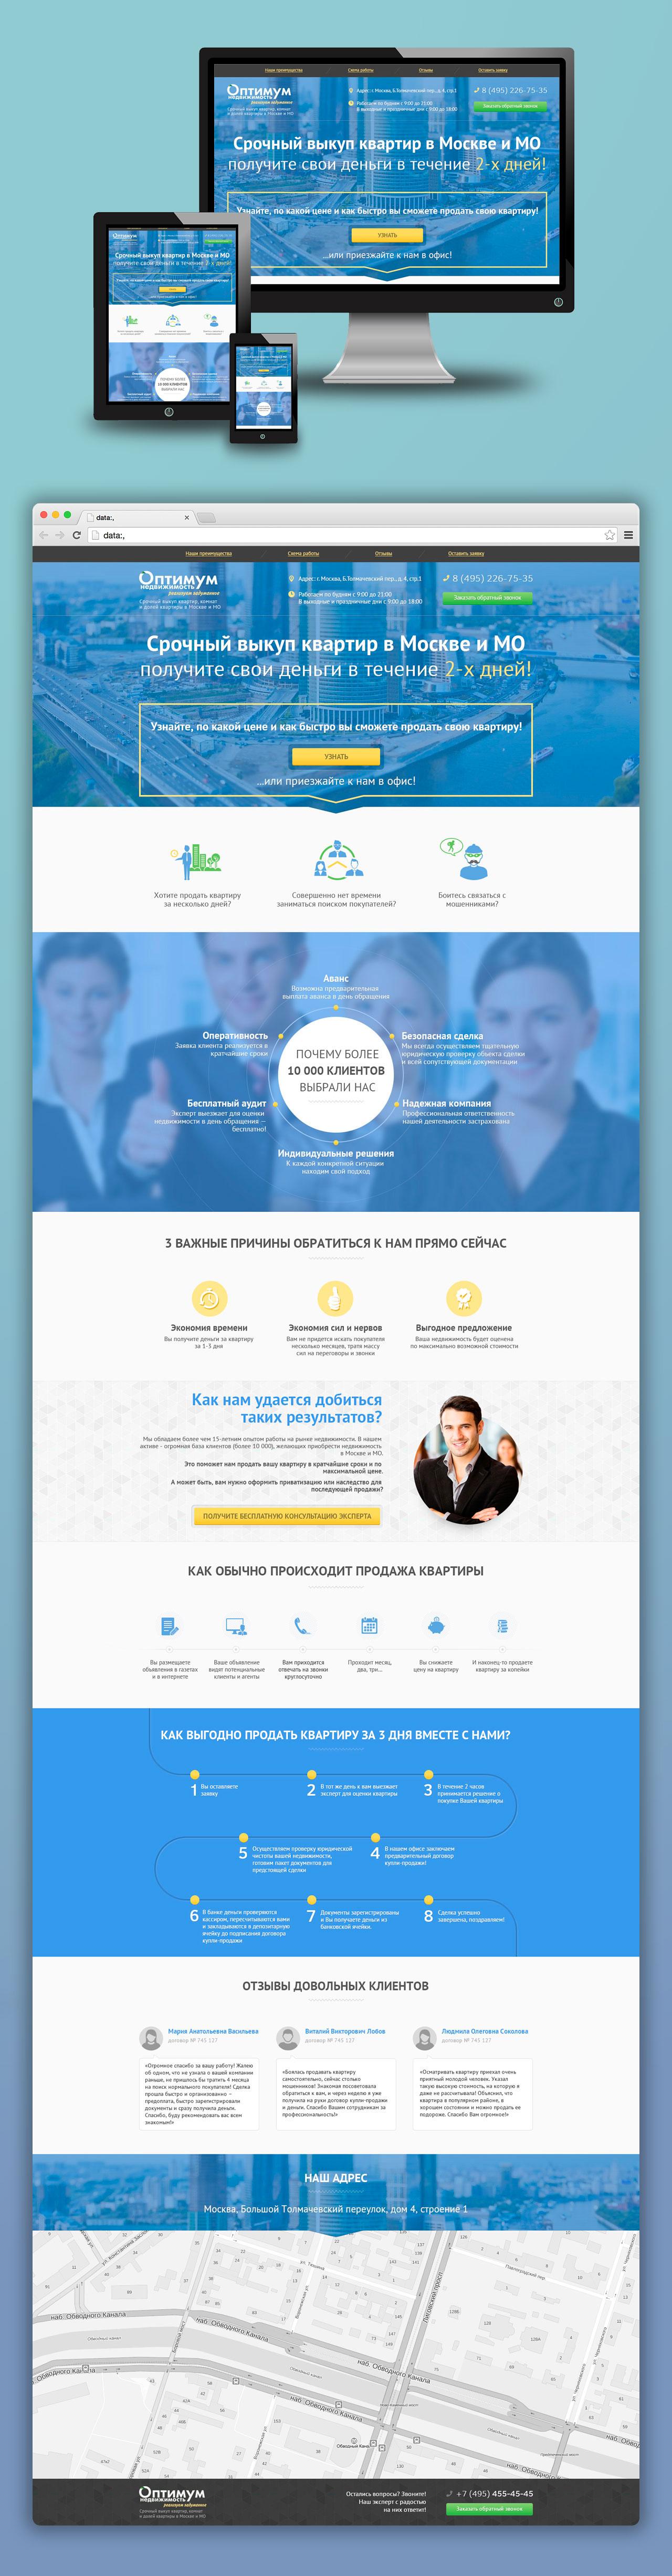 Дизайн Landing Page для риэлторской компании Оптимум Недвижимость